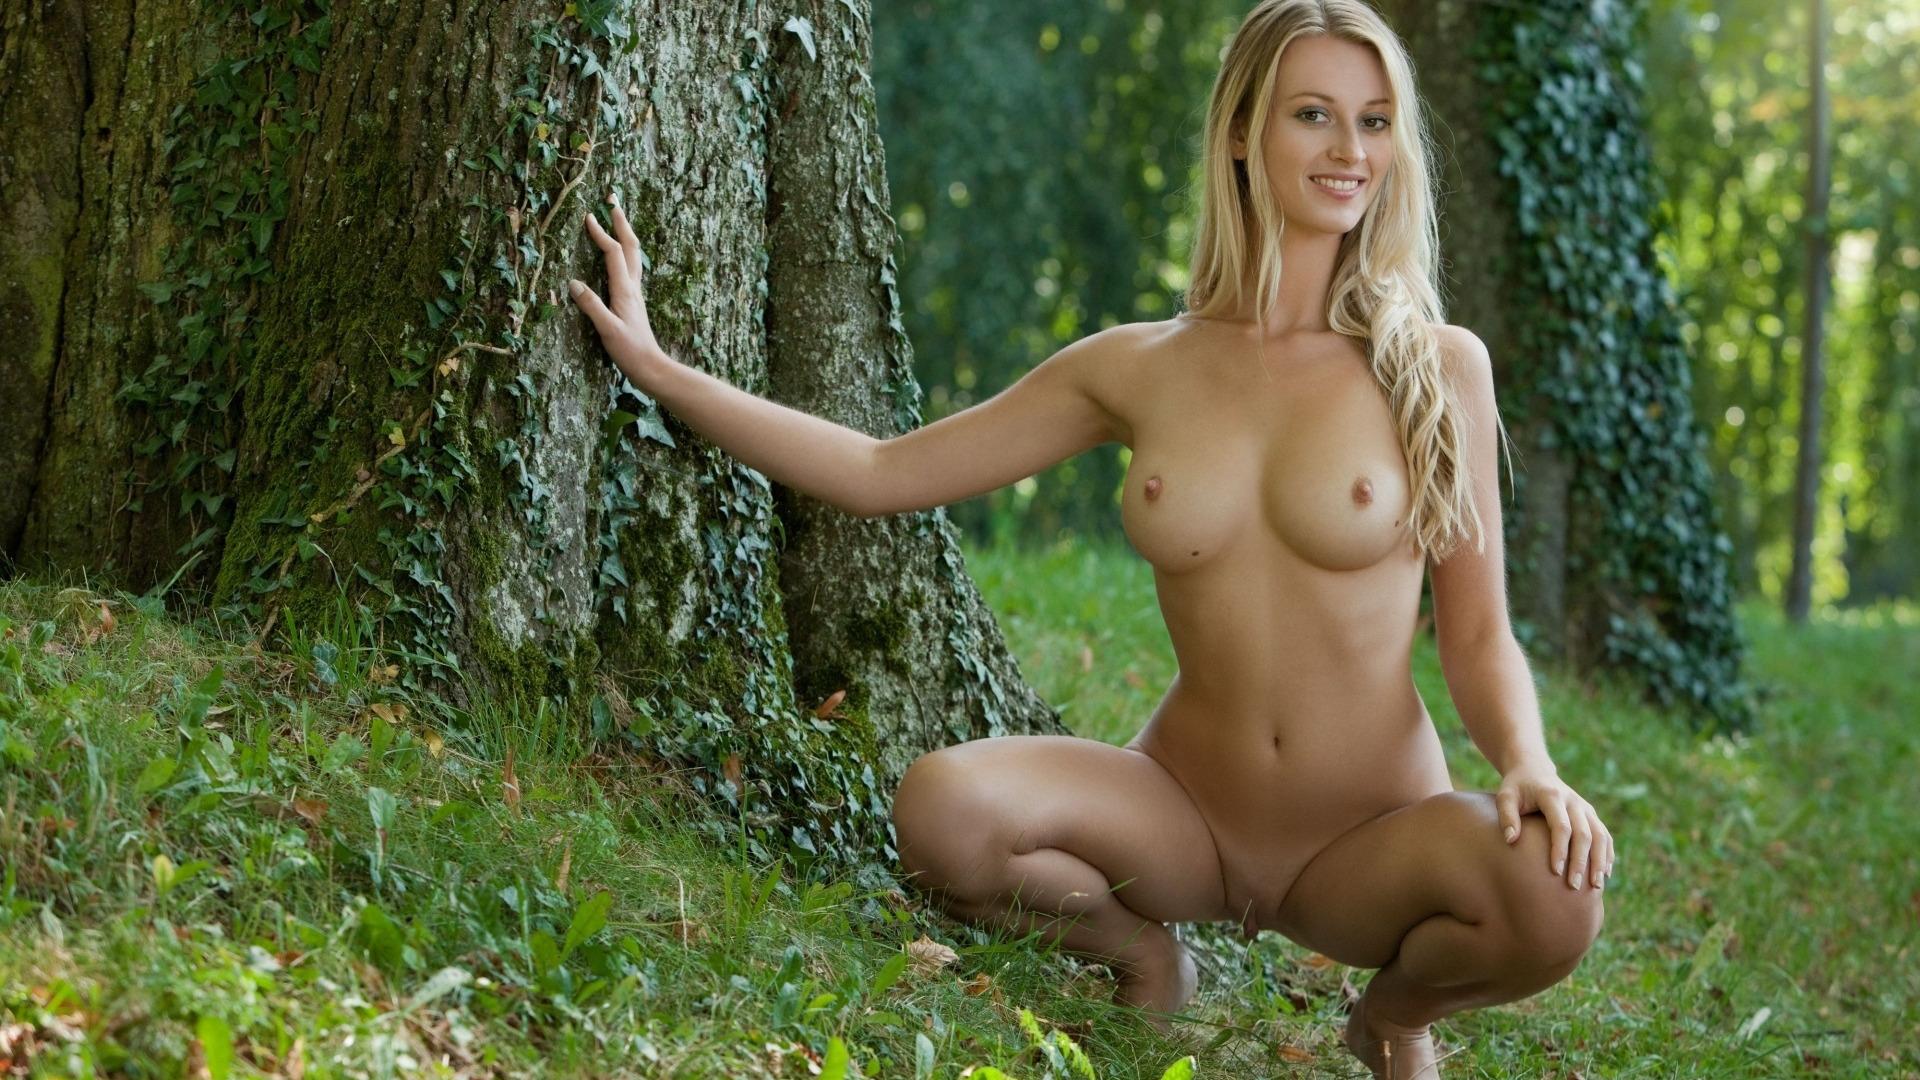 Красивые русские девушки эротика видео, смотреть порно девушки кончают когда им лижут